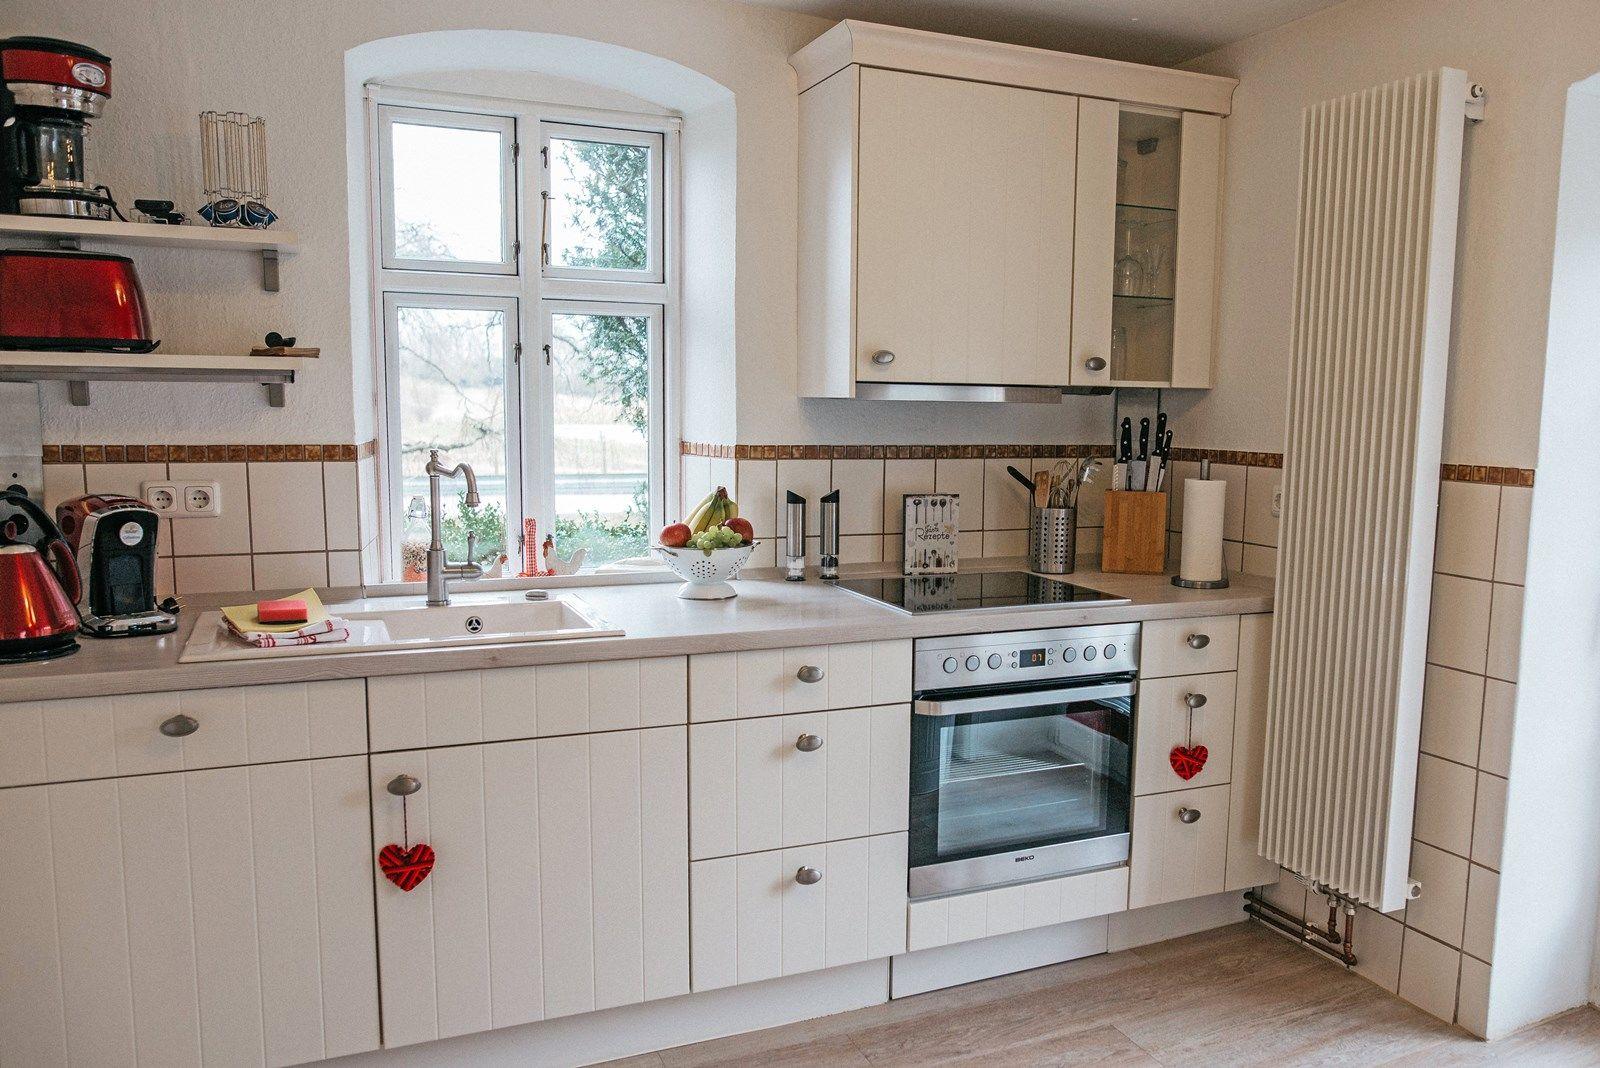 Die moderne, maßgeschneiderte Küche